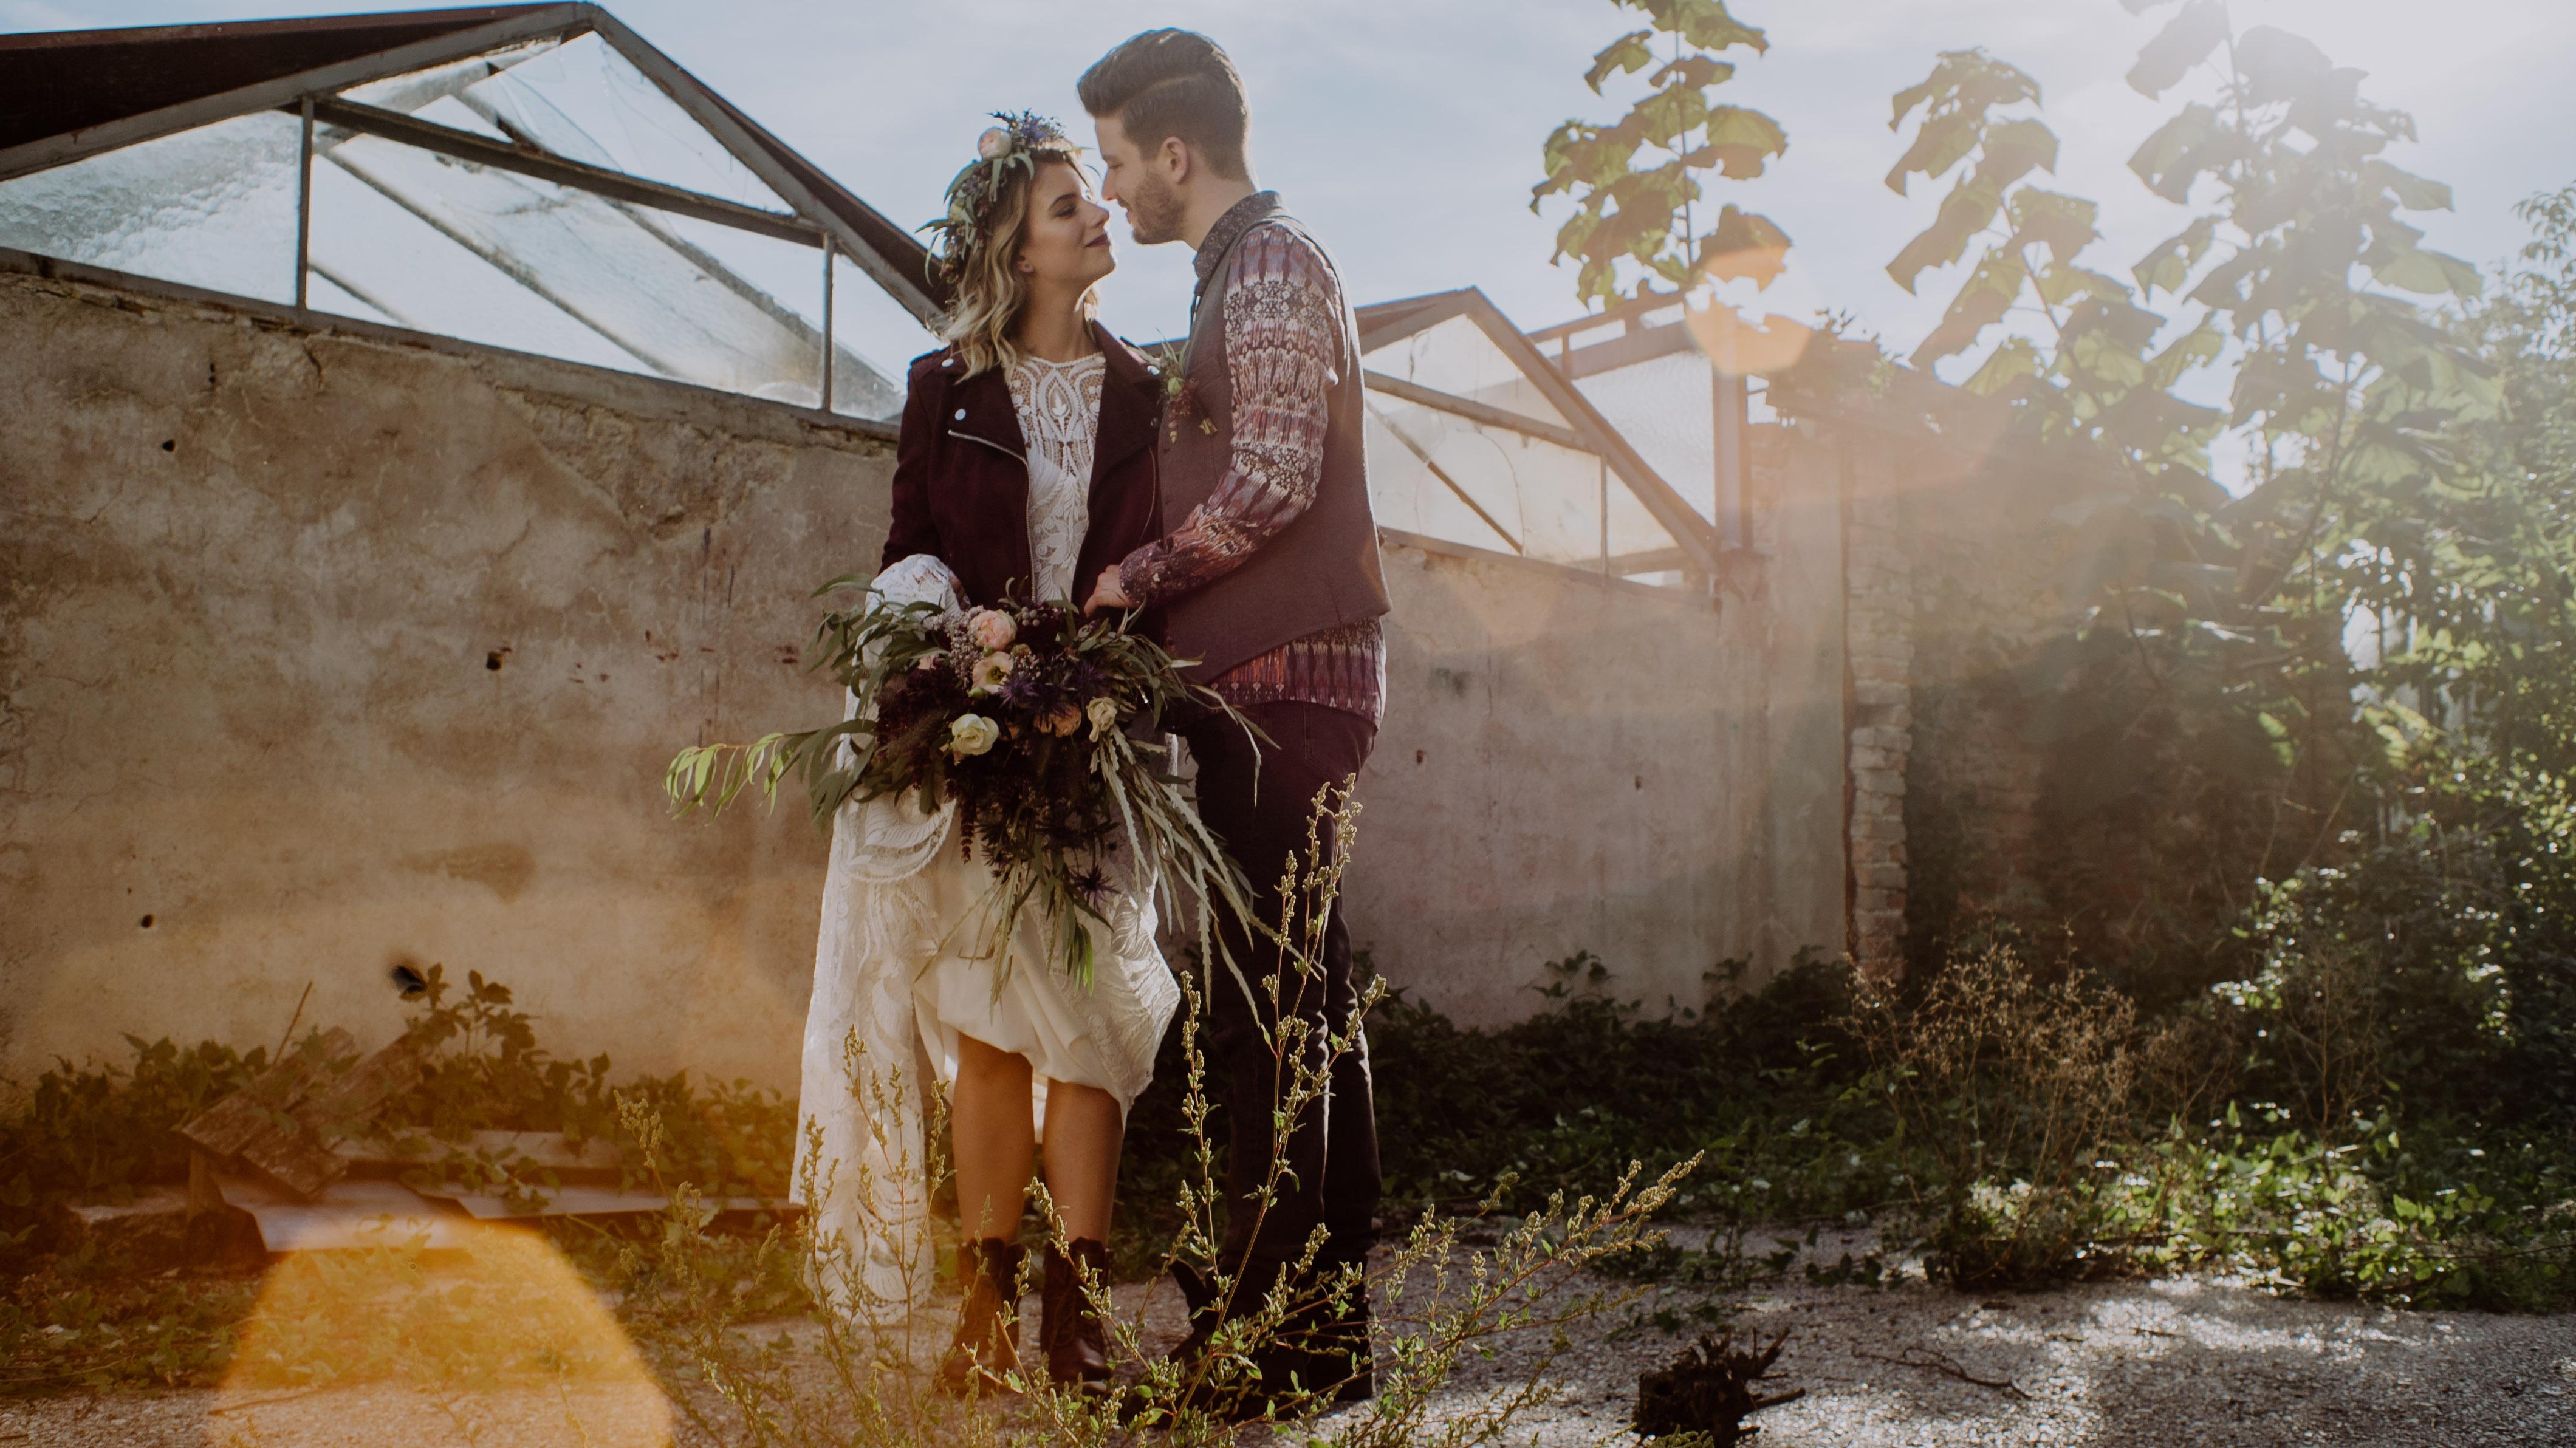 Brautpaar küsst sich in einem alten Industriegelände Braut mit Lederjacke großer Blumenstrauß Hochzeit Kamerakinder Weddings